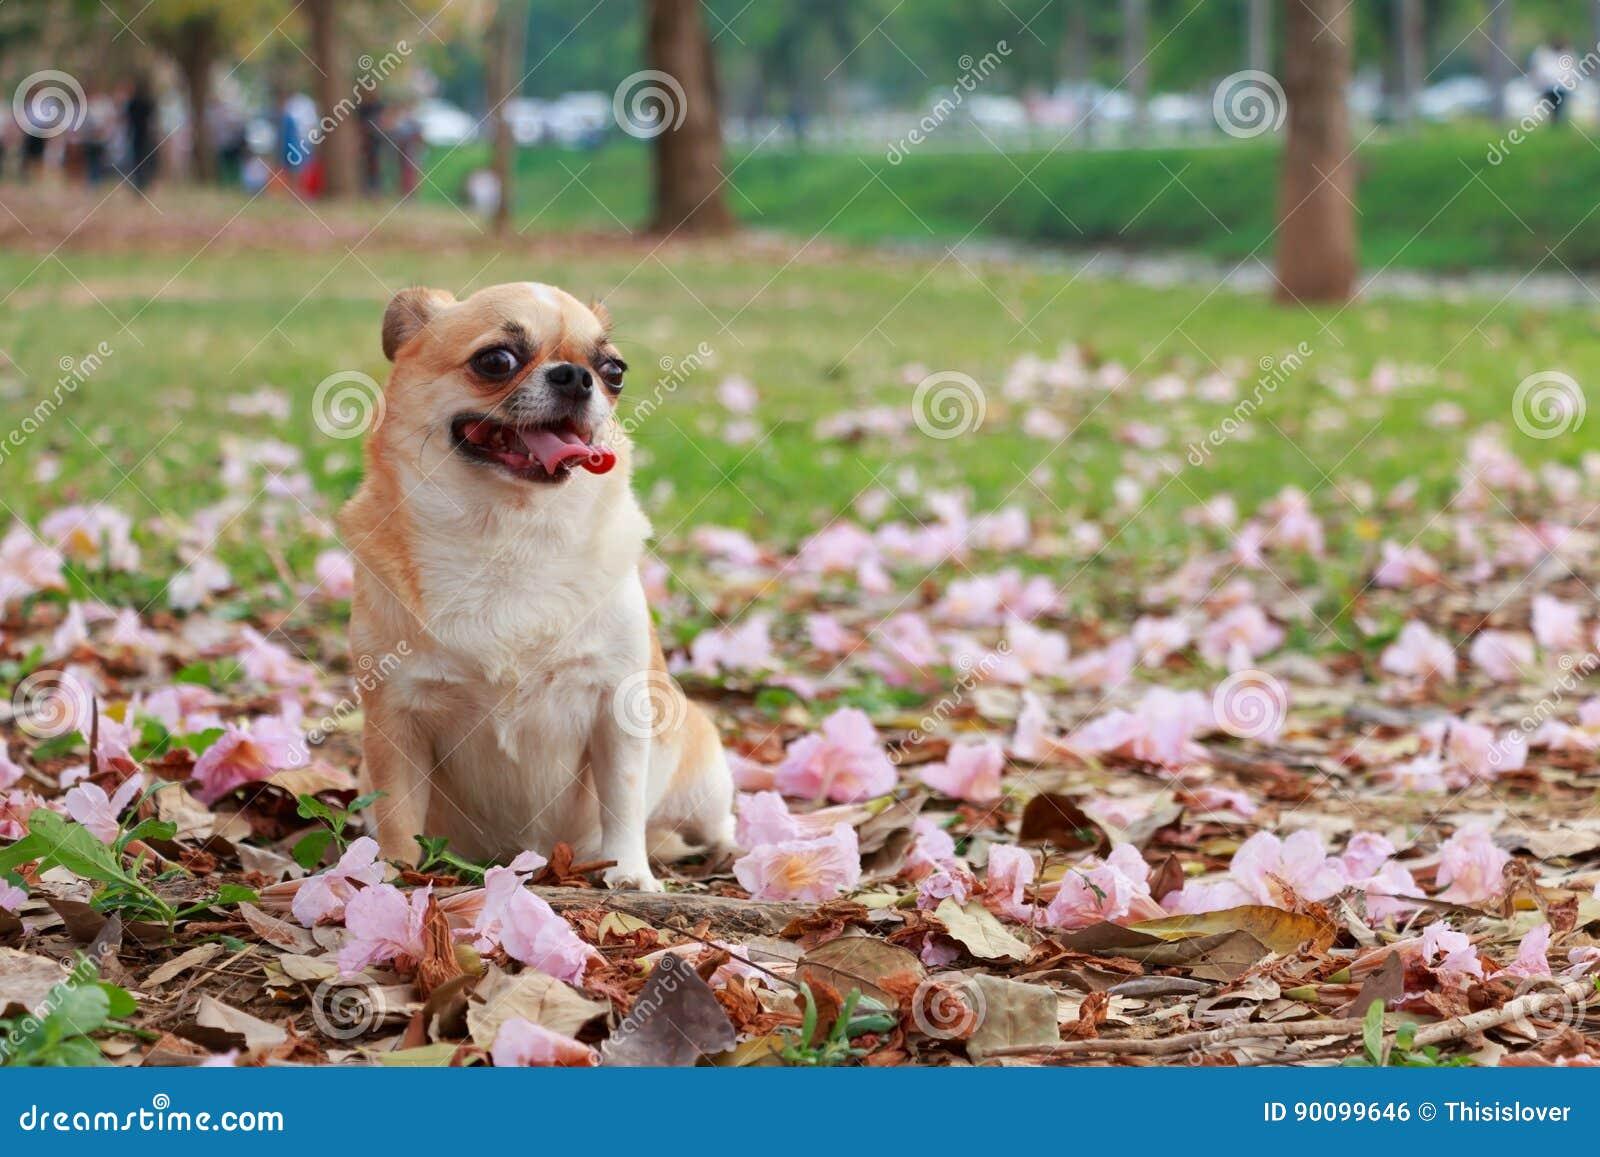 Chiwawa, petit chien